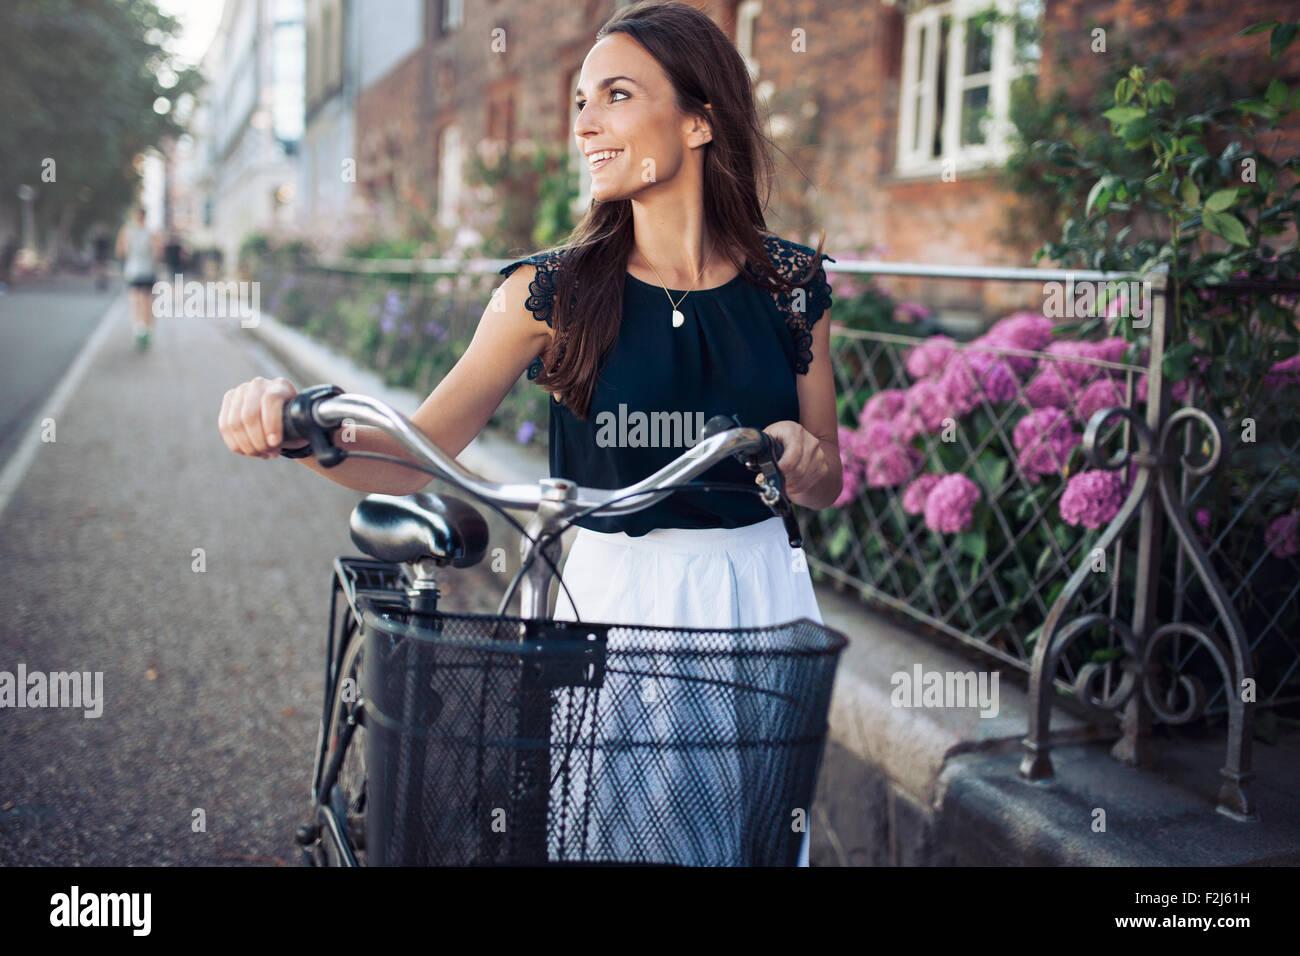 Fröhliche junge Frau wegsehen bei einem Spaziergang auf der Straße mit dem Fahrrad. Weibchen mit einem Stockbild